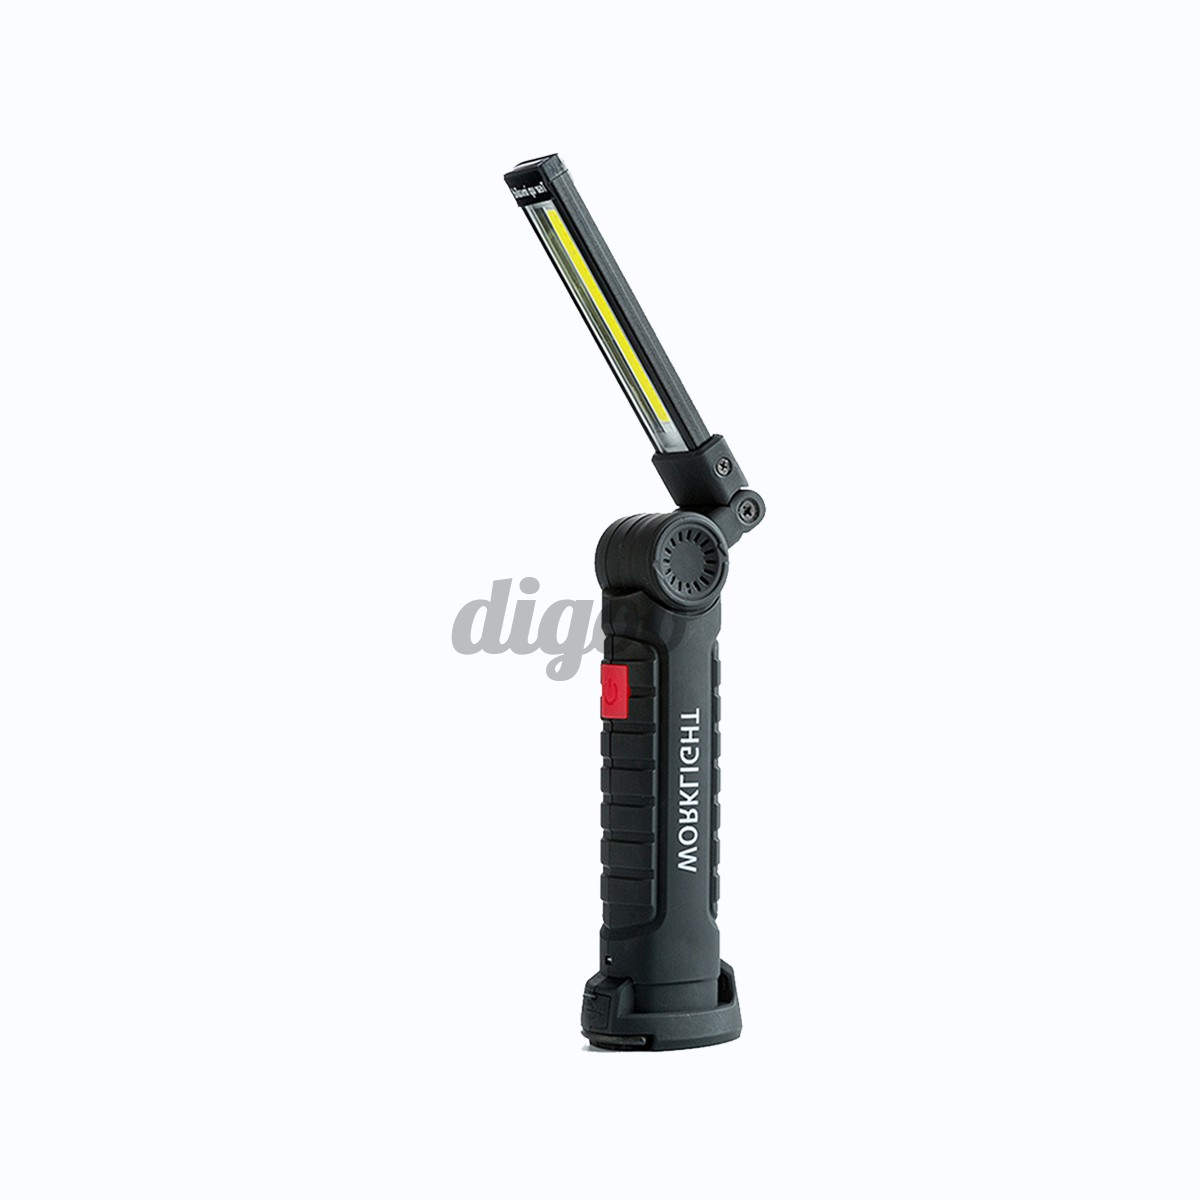 Đèn Pin Led 18650 Cob Allinone 2665 Dạng Gập Tiện Dụng